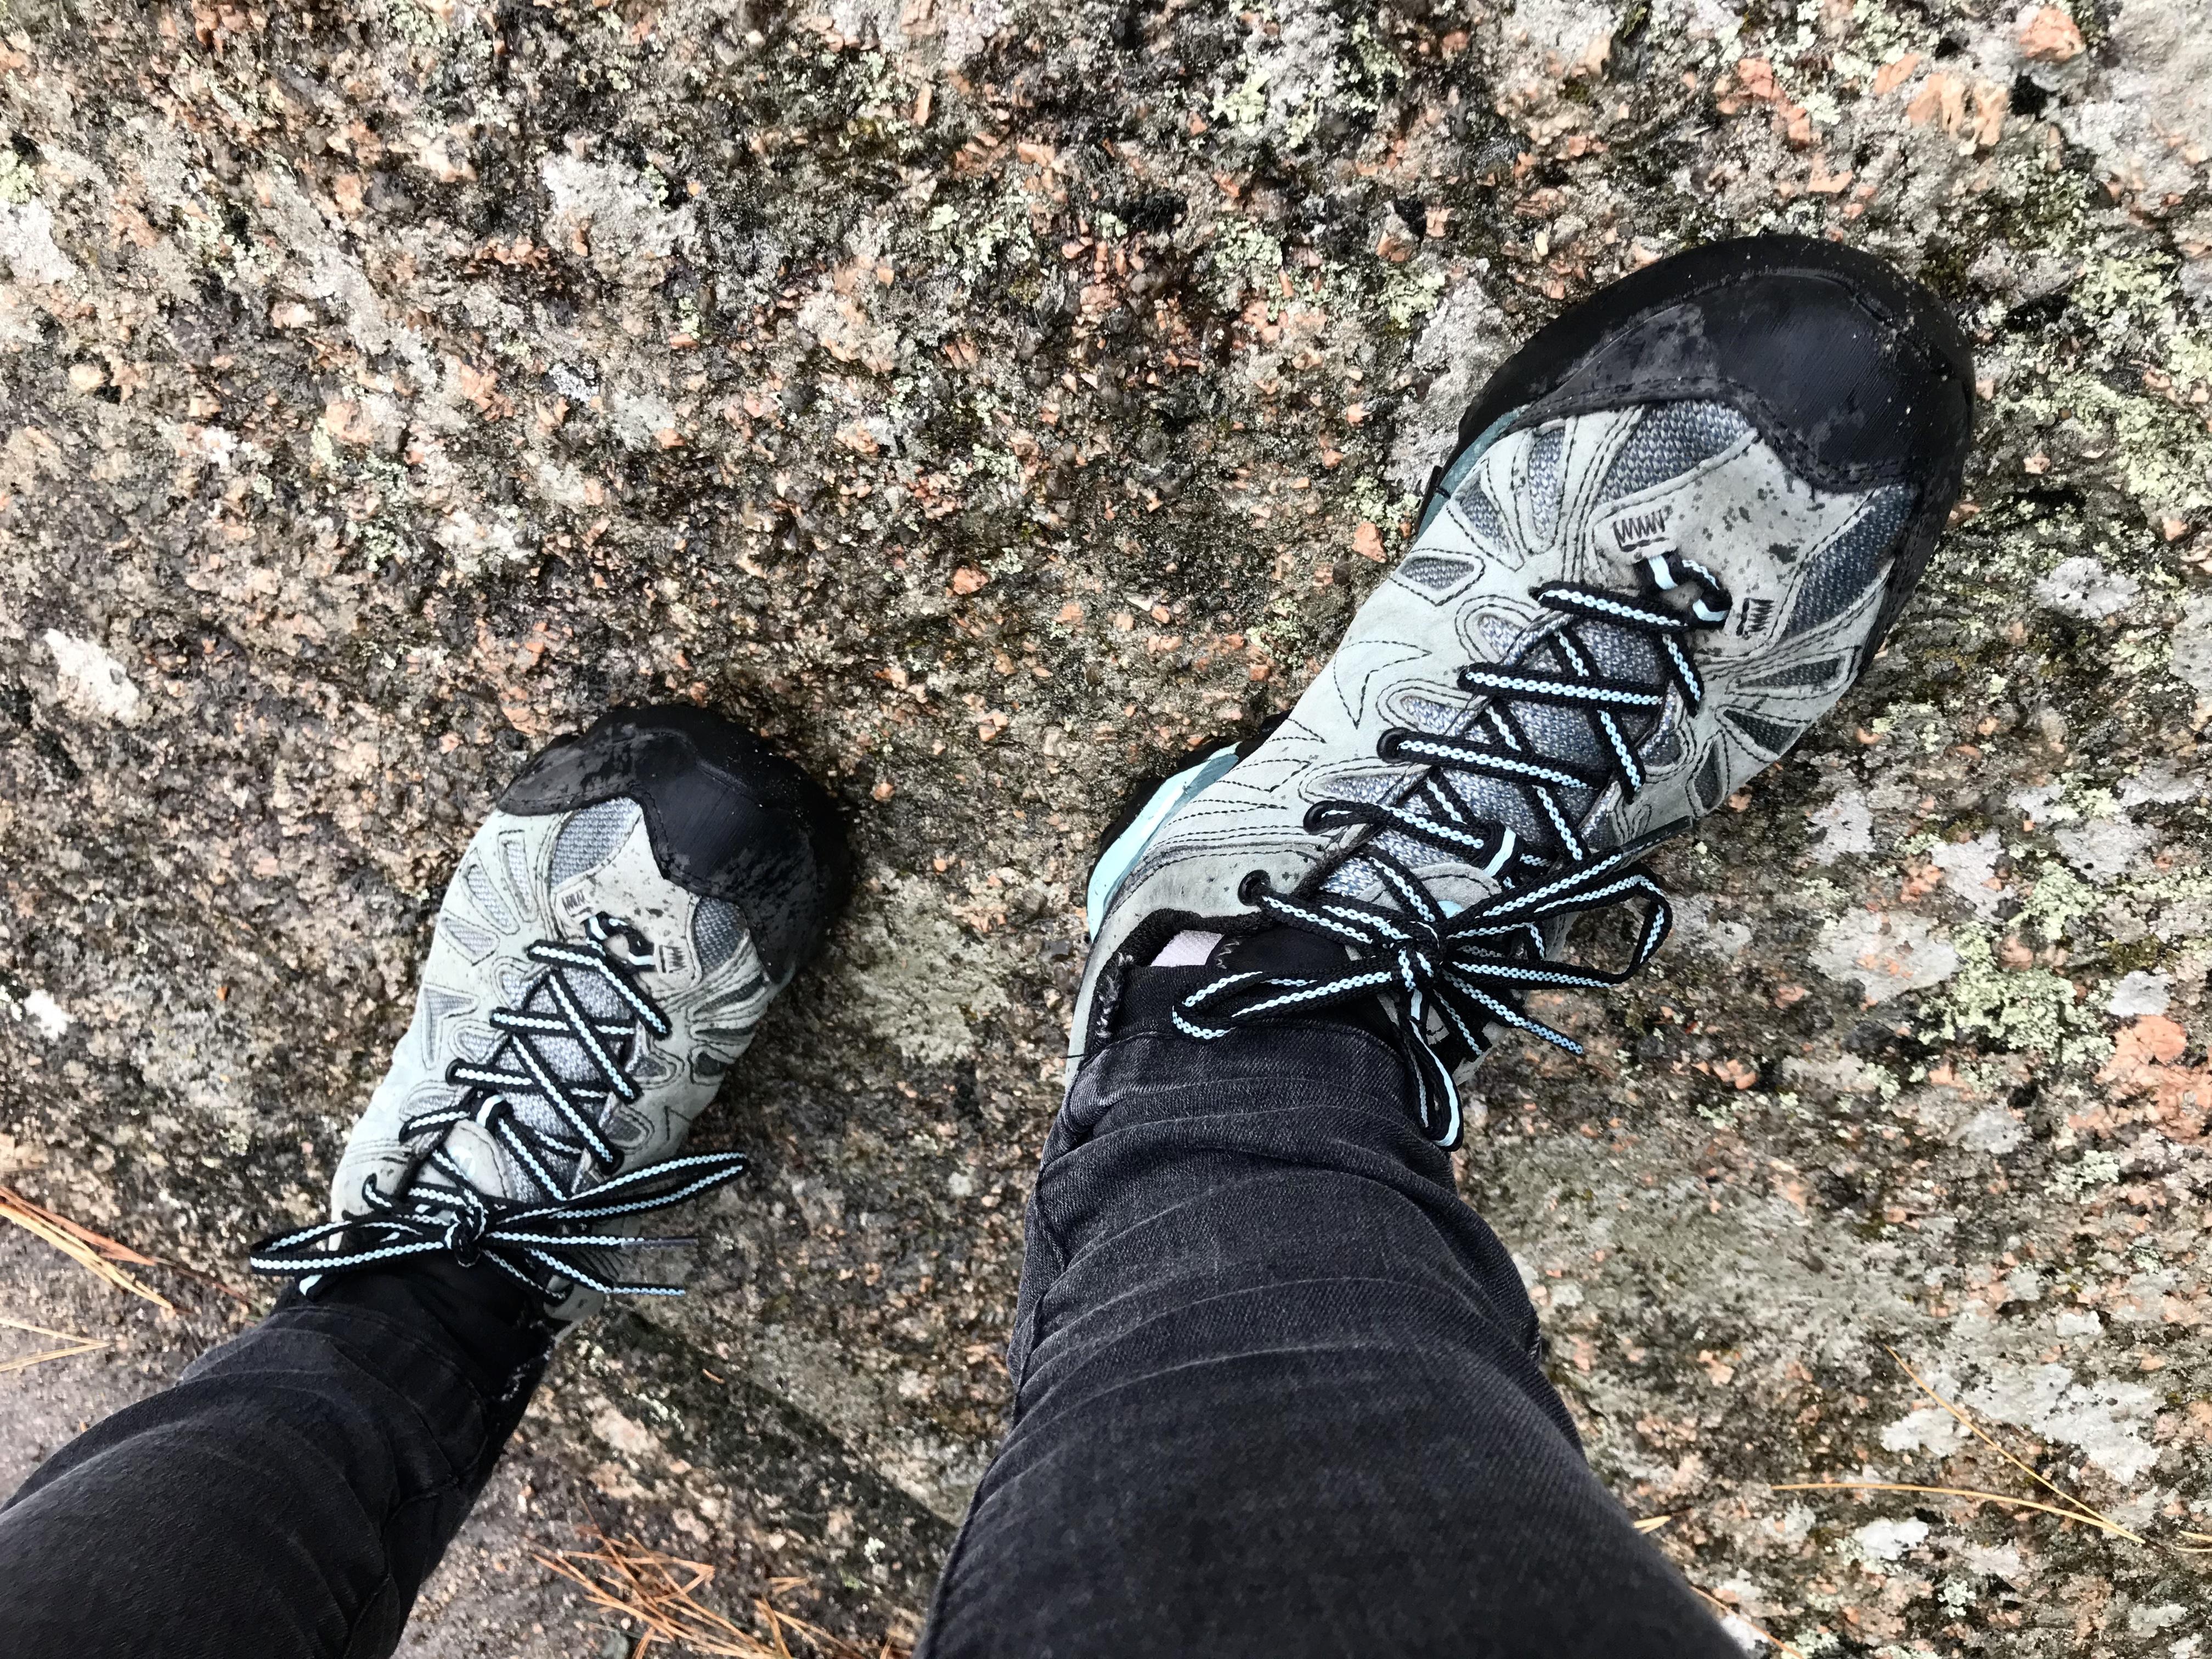 chaussures de randonnée merrell femme